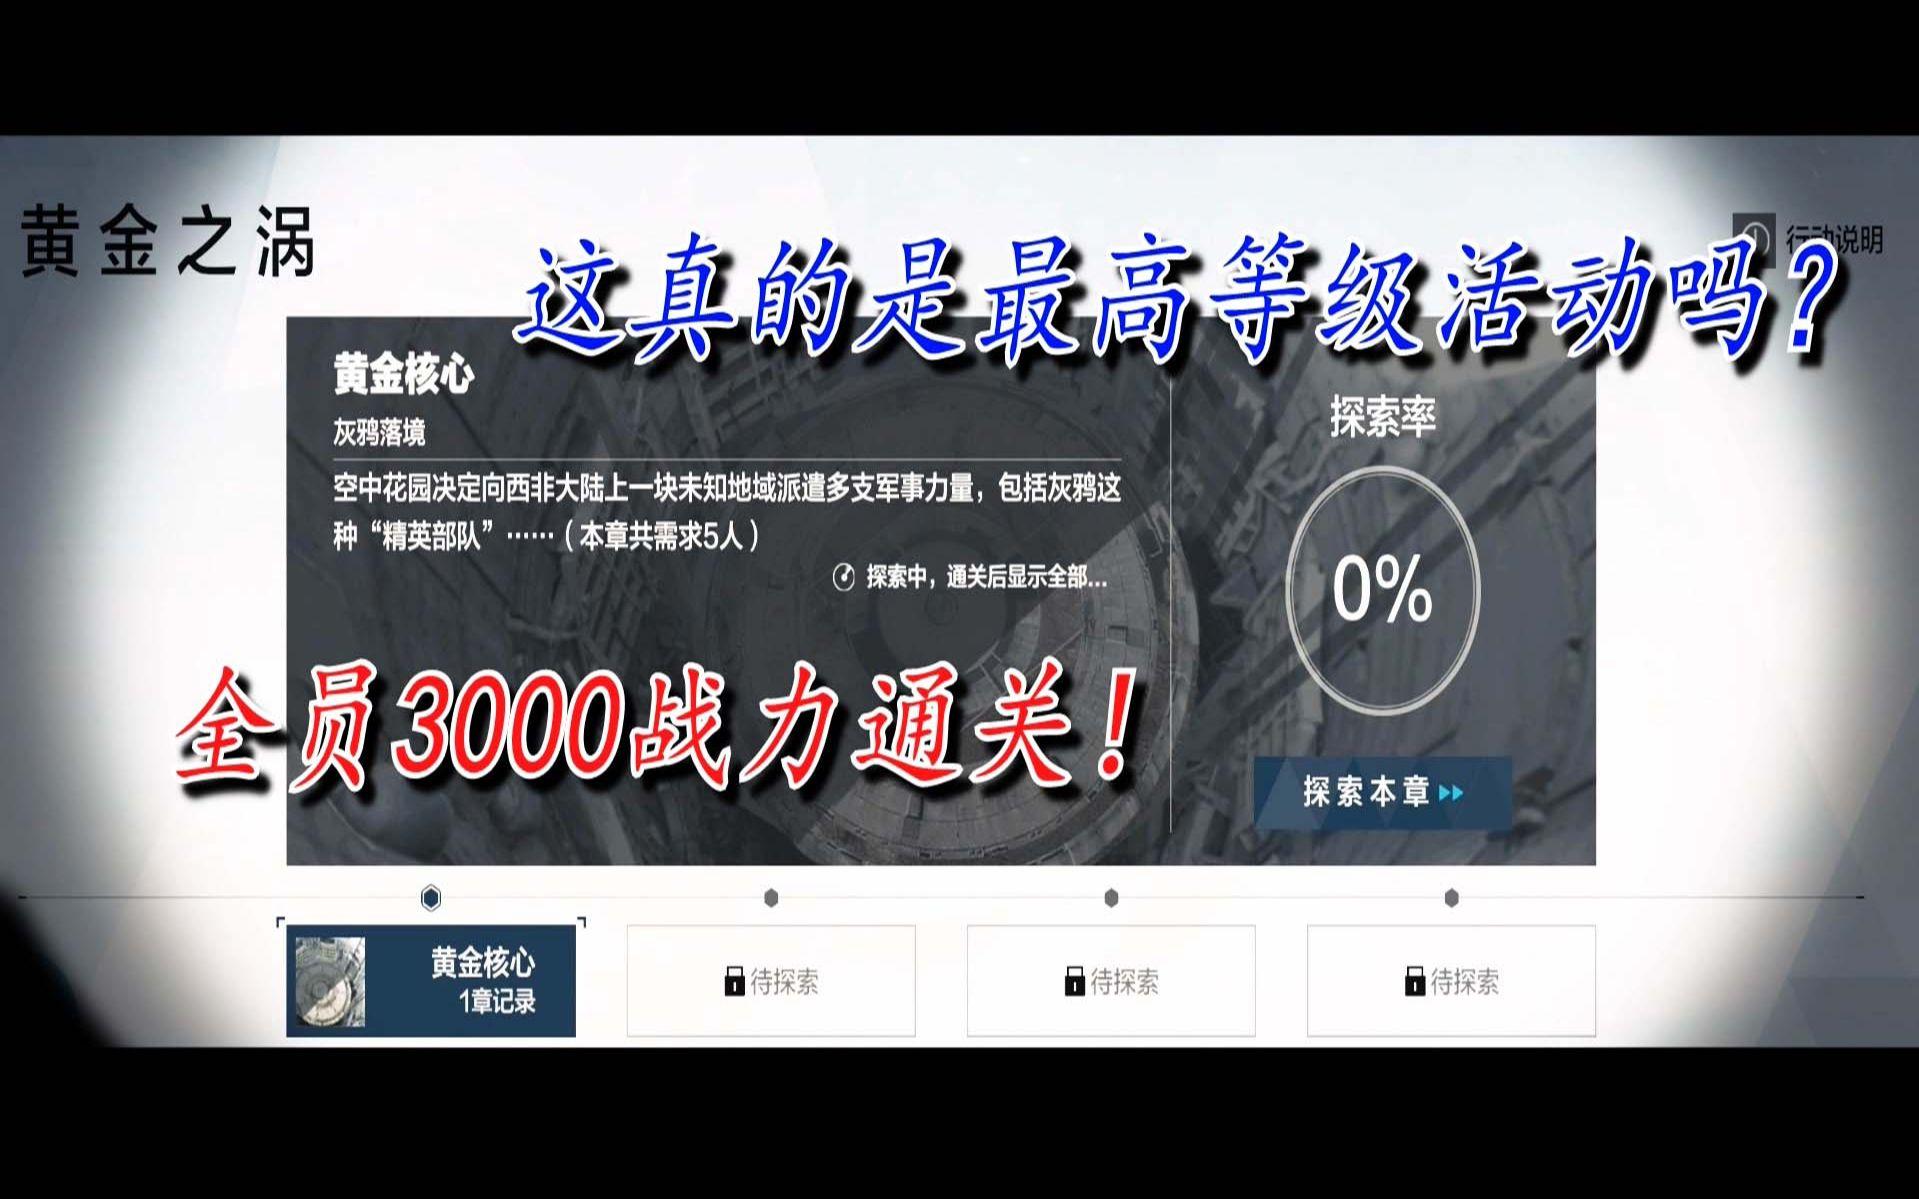 全员3000战力通关黄金之涡--大剧情模式活动!.jpg